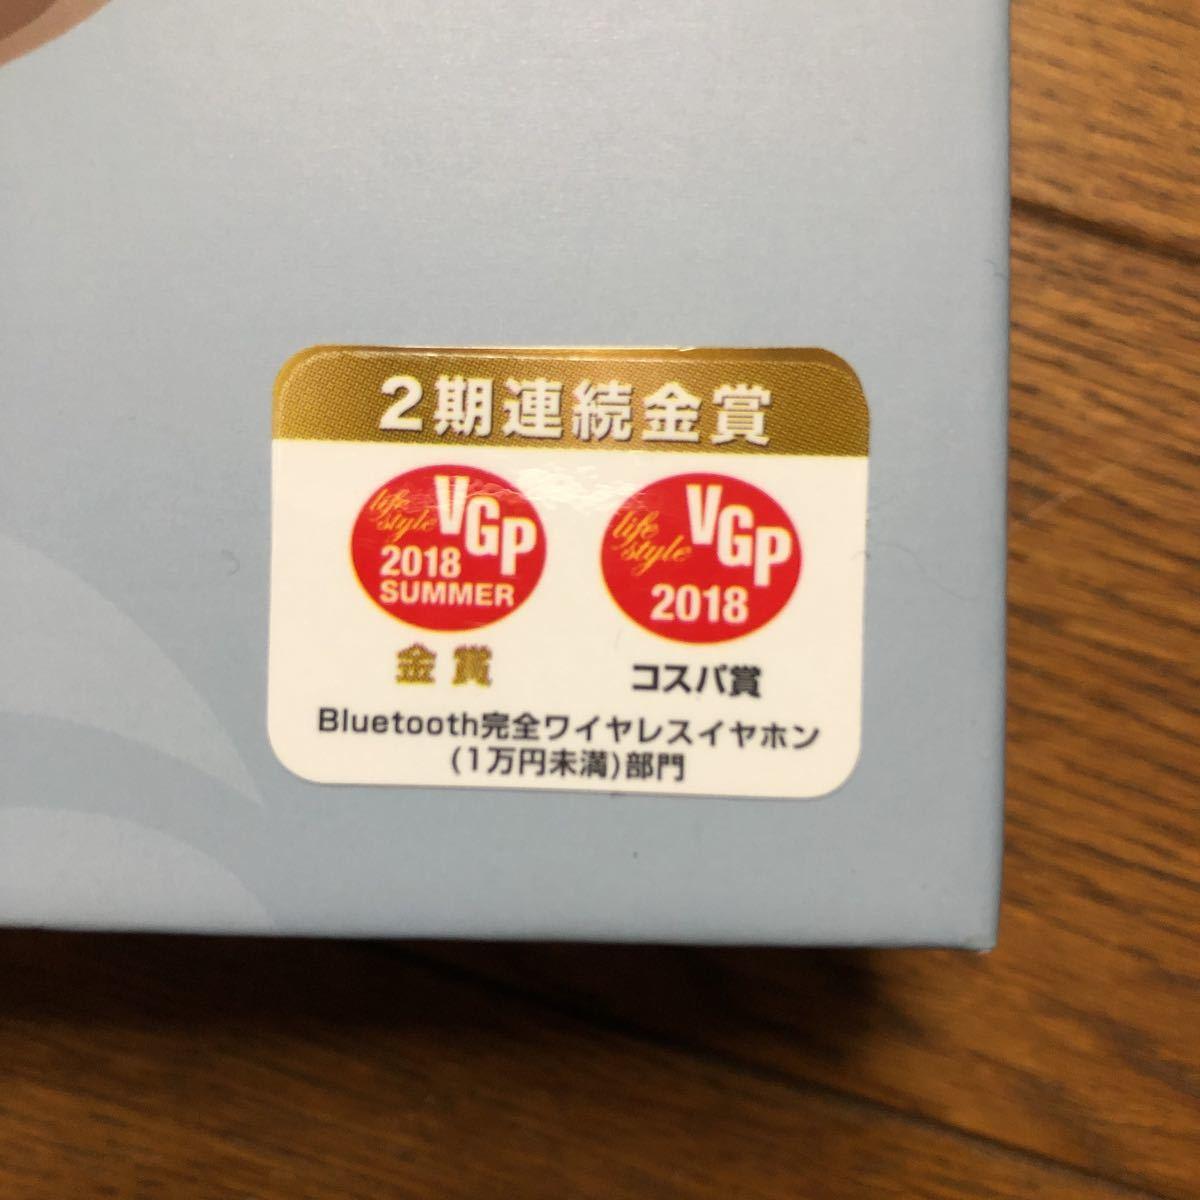 【新品未使用】ソフトバンク完全ワイヤレスイヤホン GLIDIC Sound Air TW-5000/シャンパンゴールド_画像5